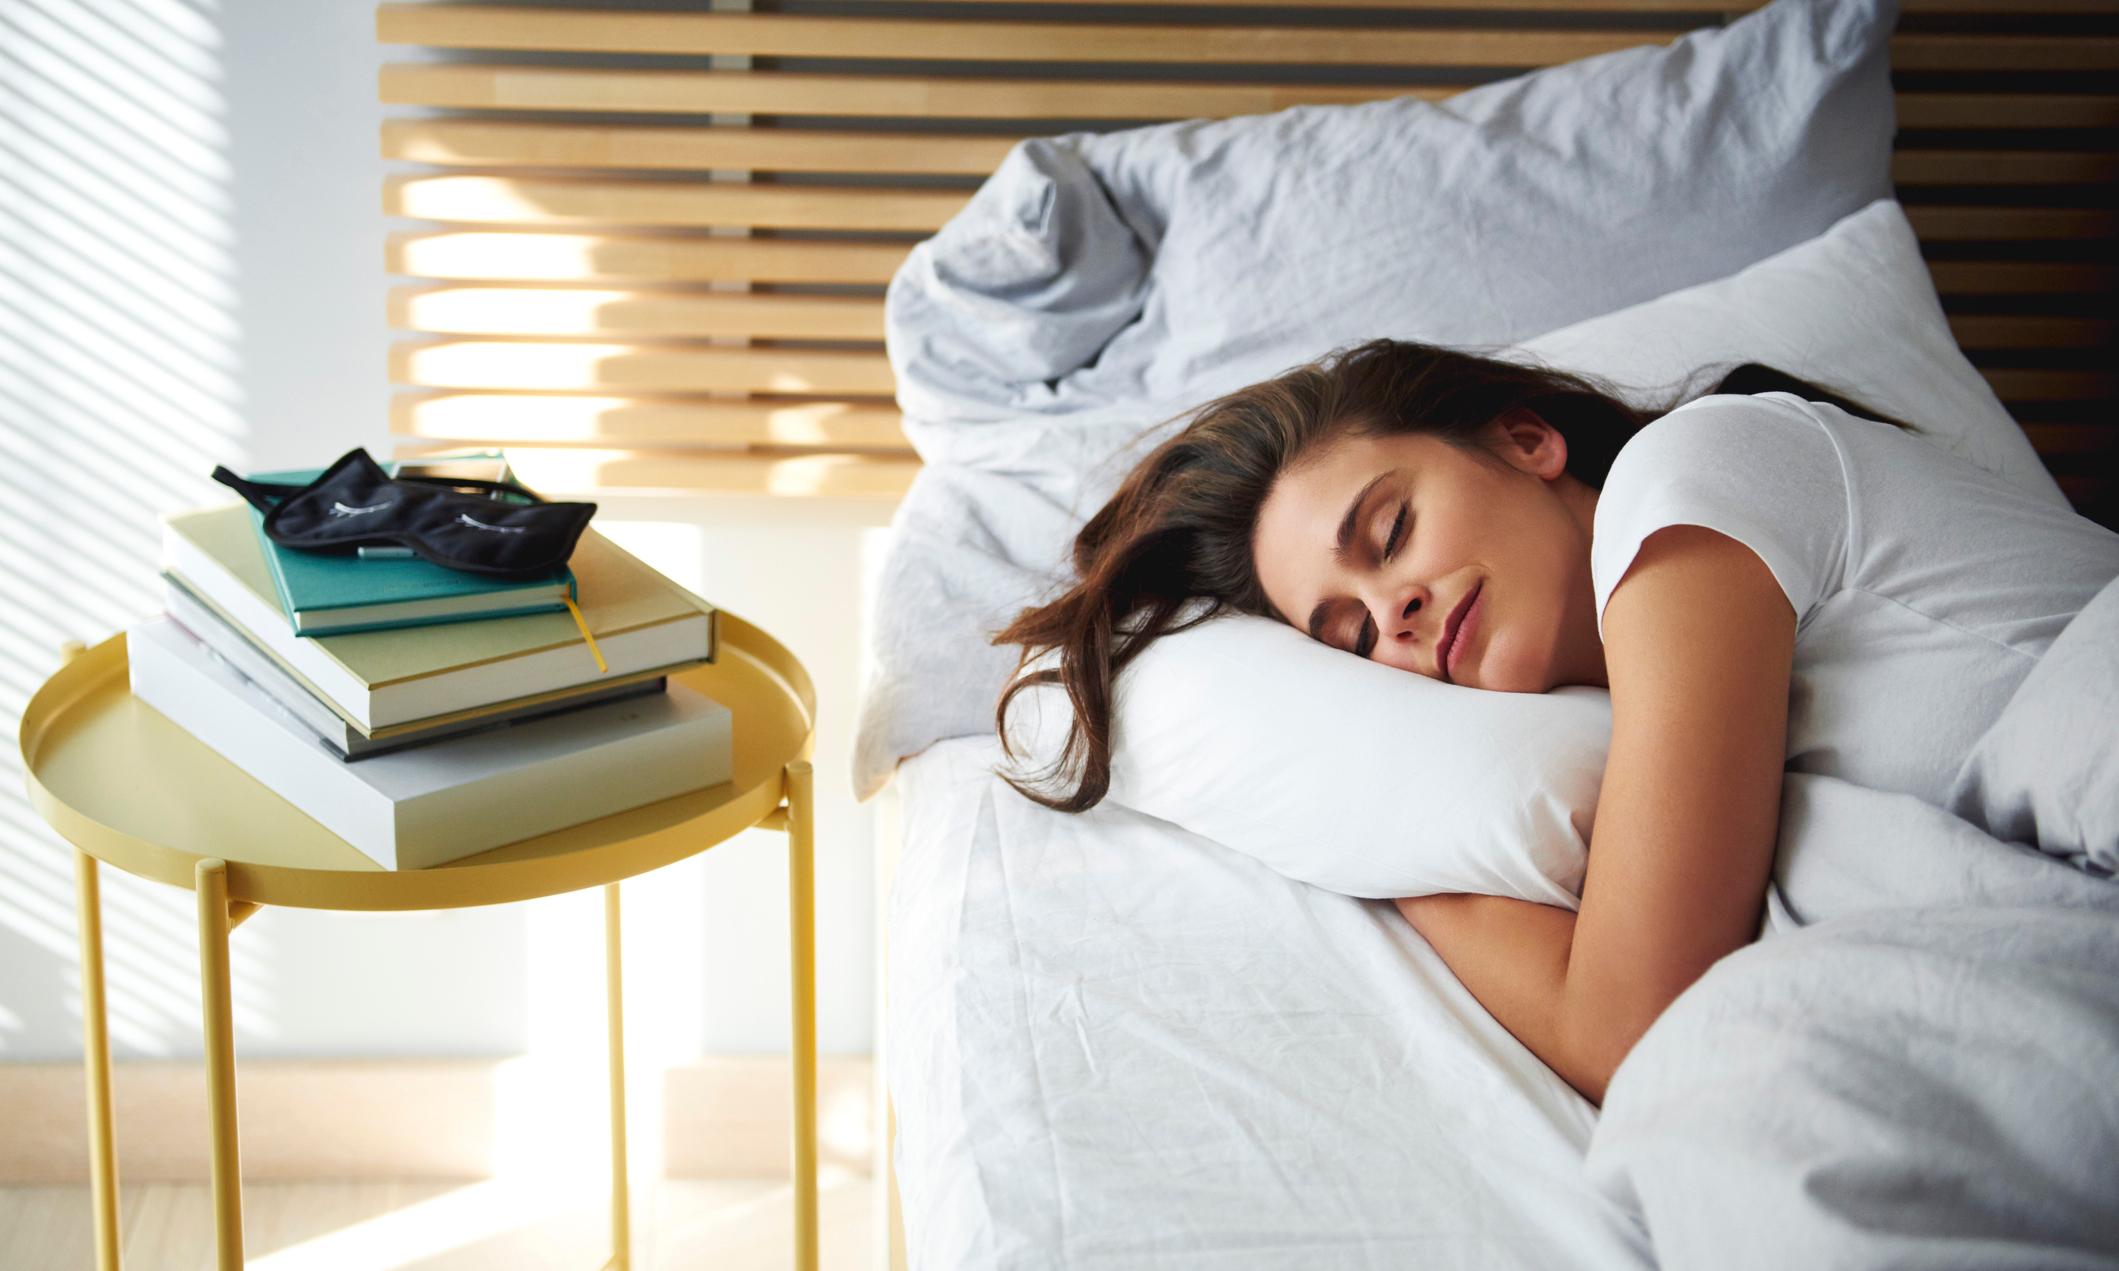 Как спать, чтобы высыпаться и иметь здоровый сон?